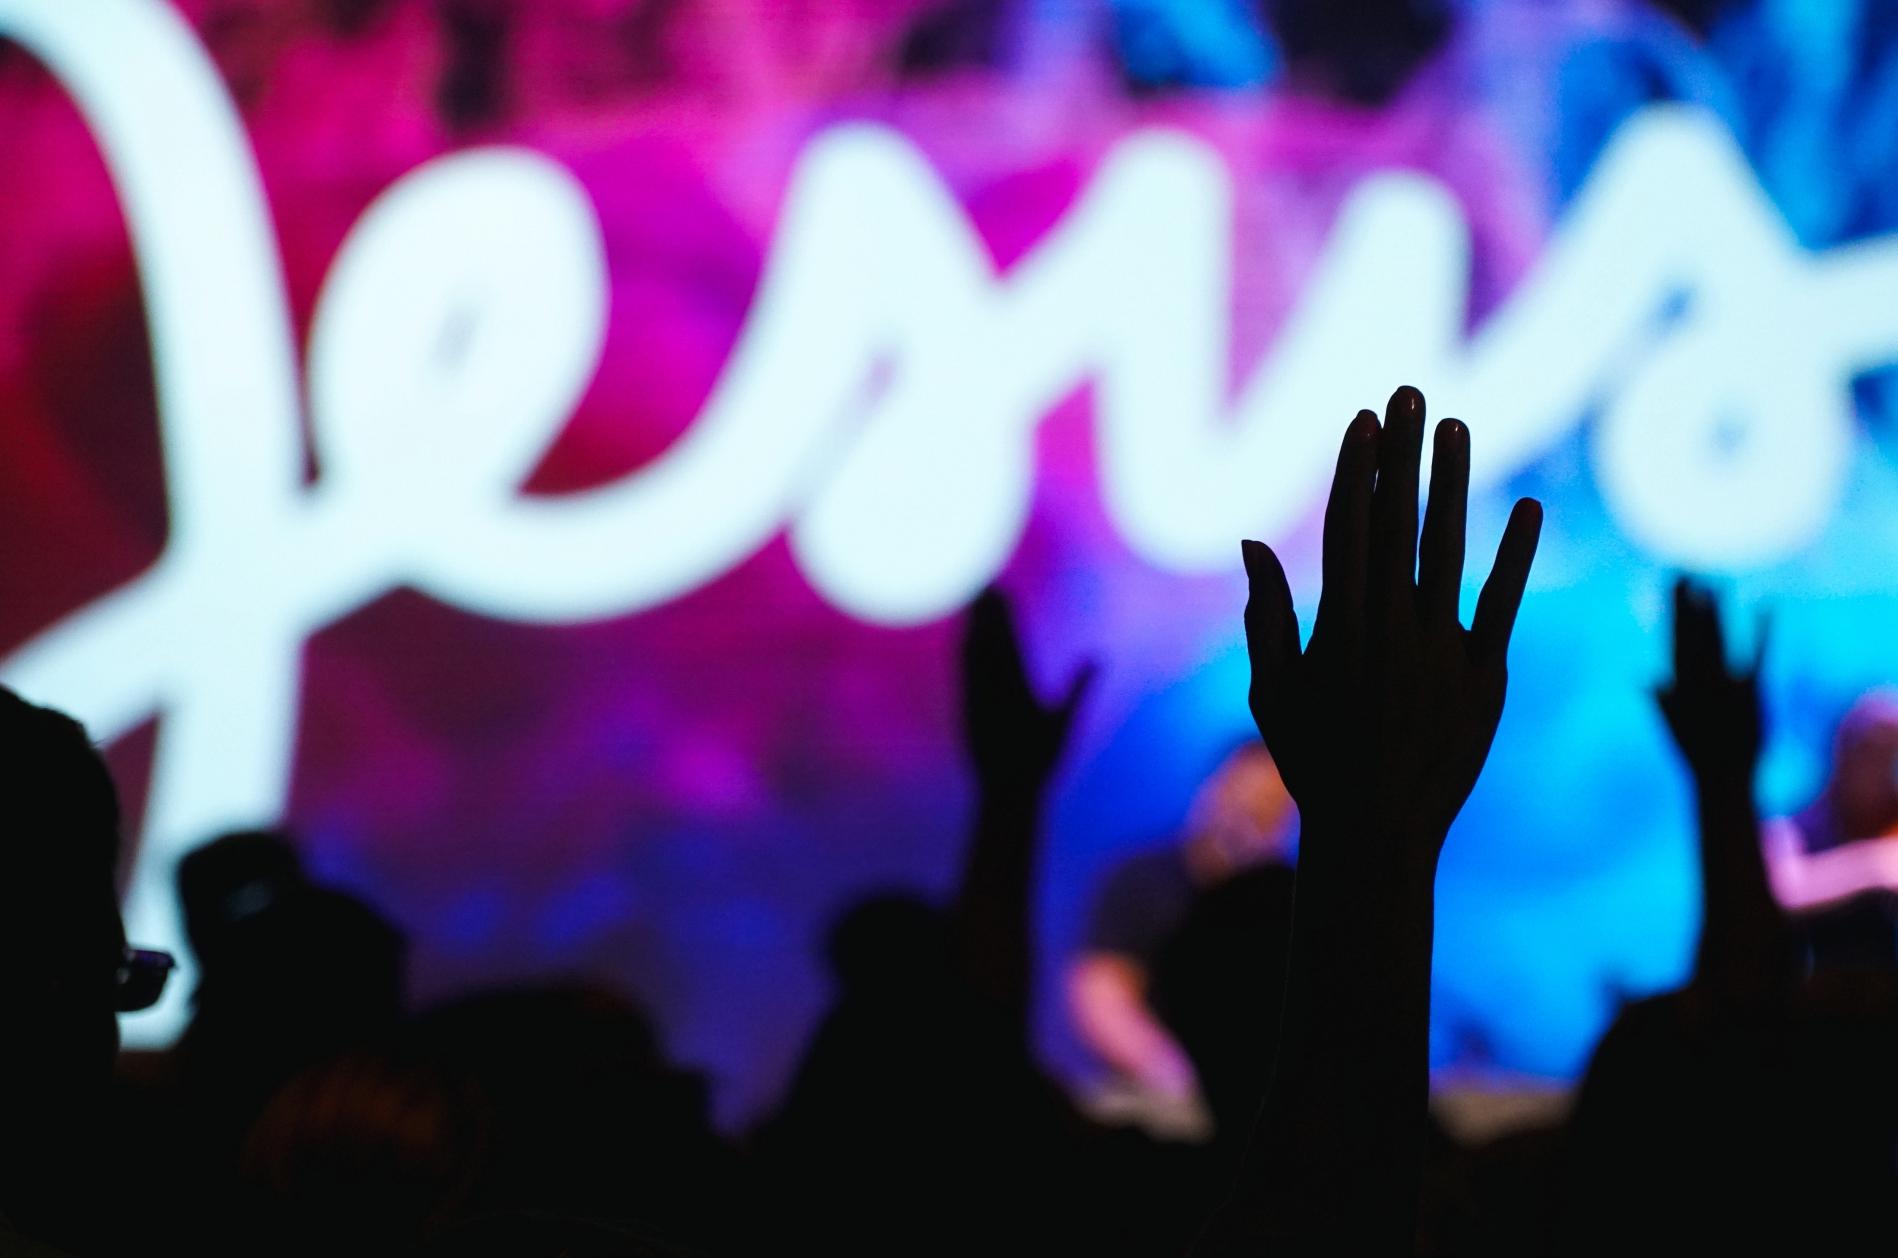 Jesus ist das Zentrum des prophetischen Lobpreises